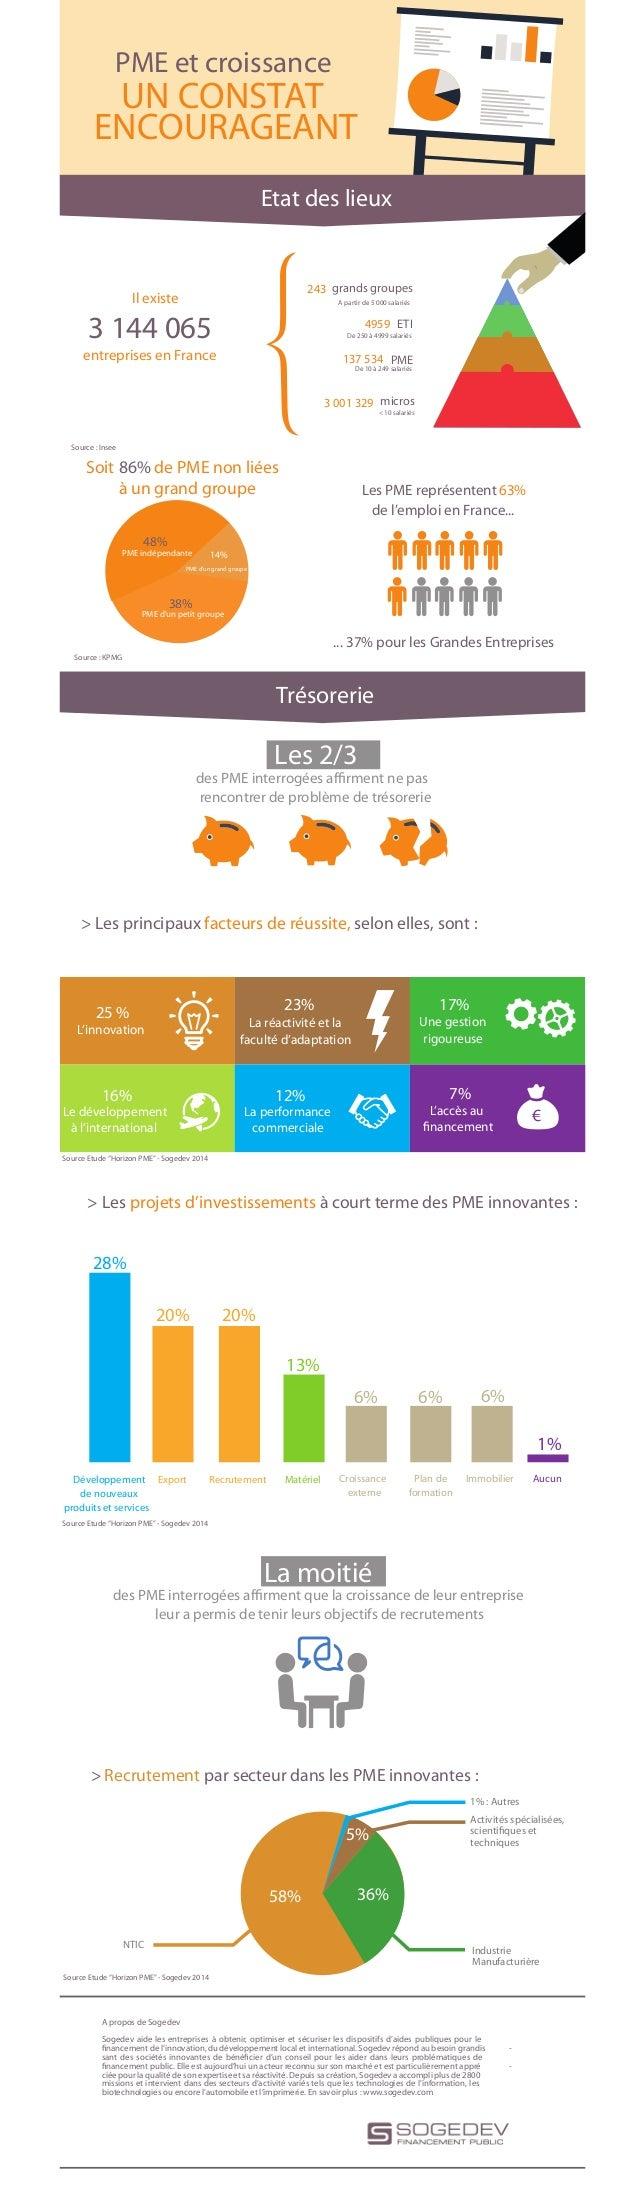 PME et croissance UN CONSTAT ENCOURAGEANT entreprises en France 3 144 065 3 001 329 micros 137 534 PME 4959 ETI 243 grands...